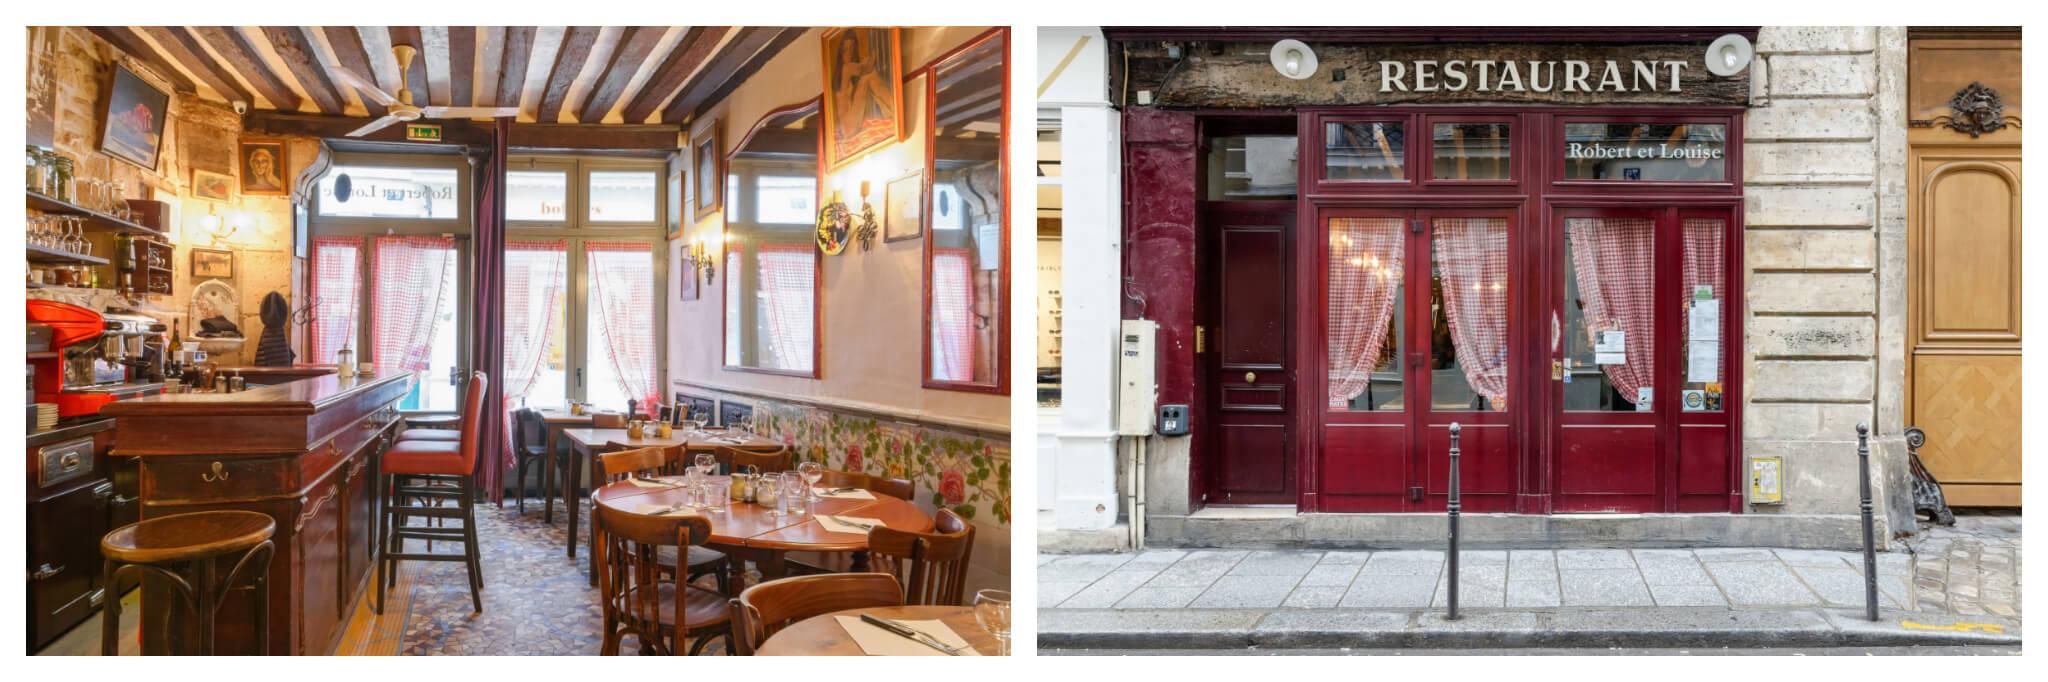 Left: The inside of the quaint Parisian café Robert et Louise in the Marais in Paris, Right: Left: The exterior of the quaint Parisian café Robert et Louise in the Marais in Paris